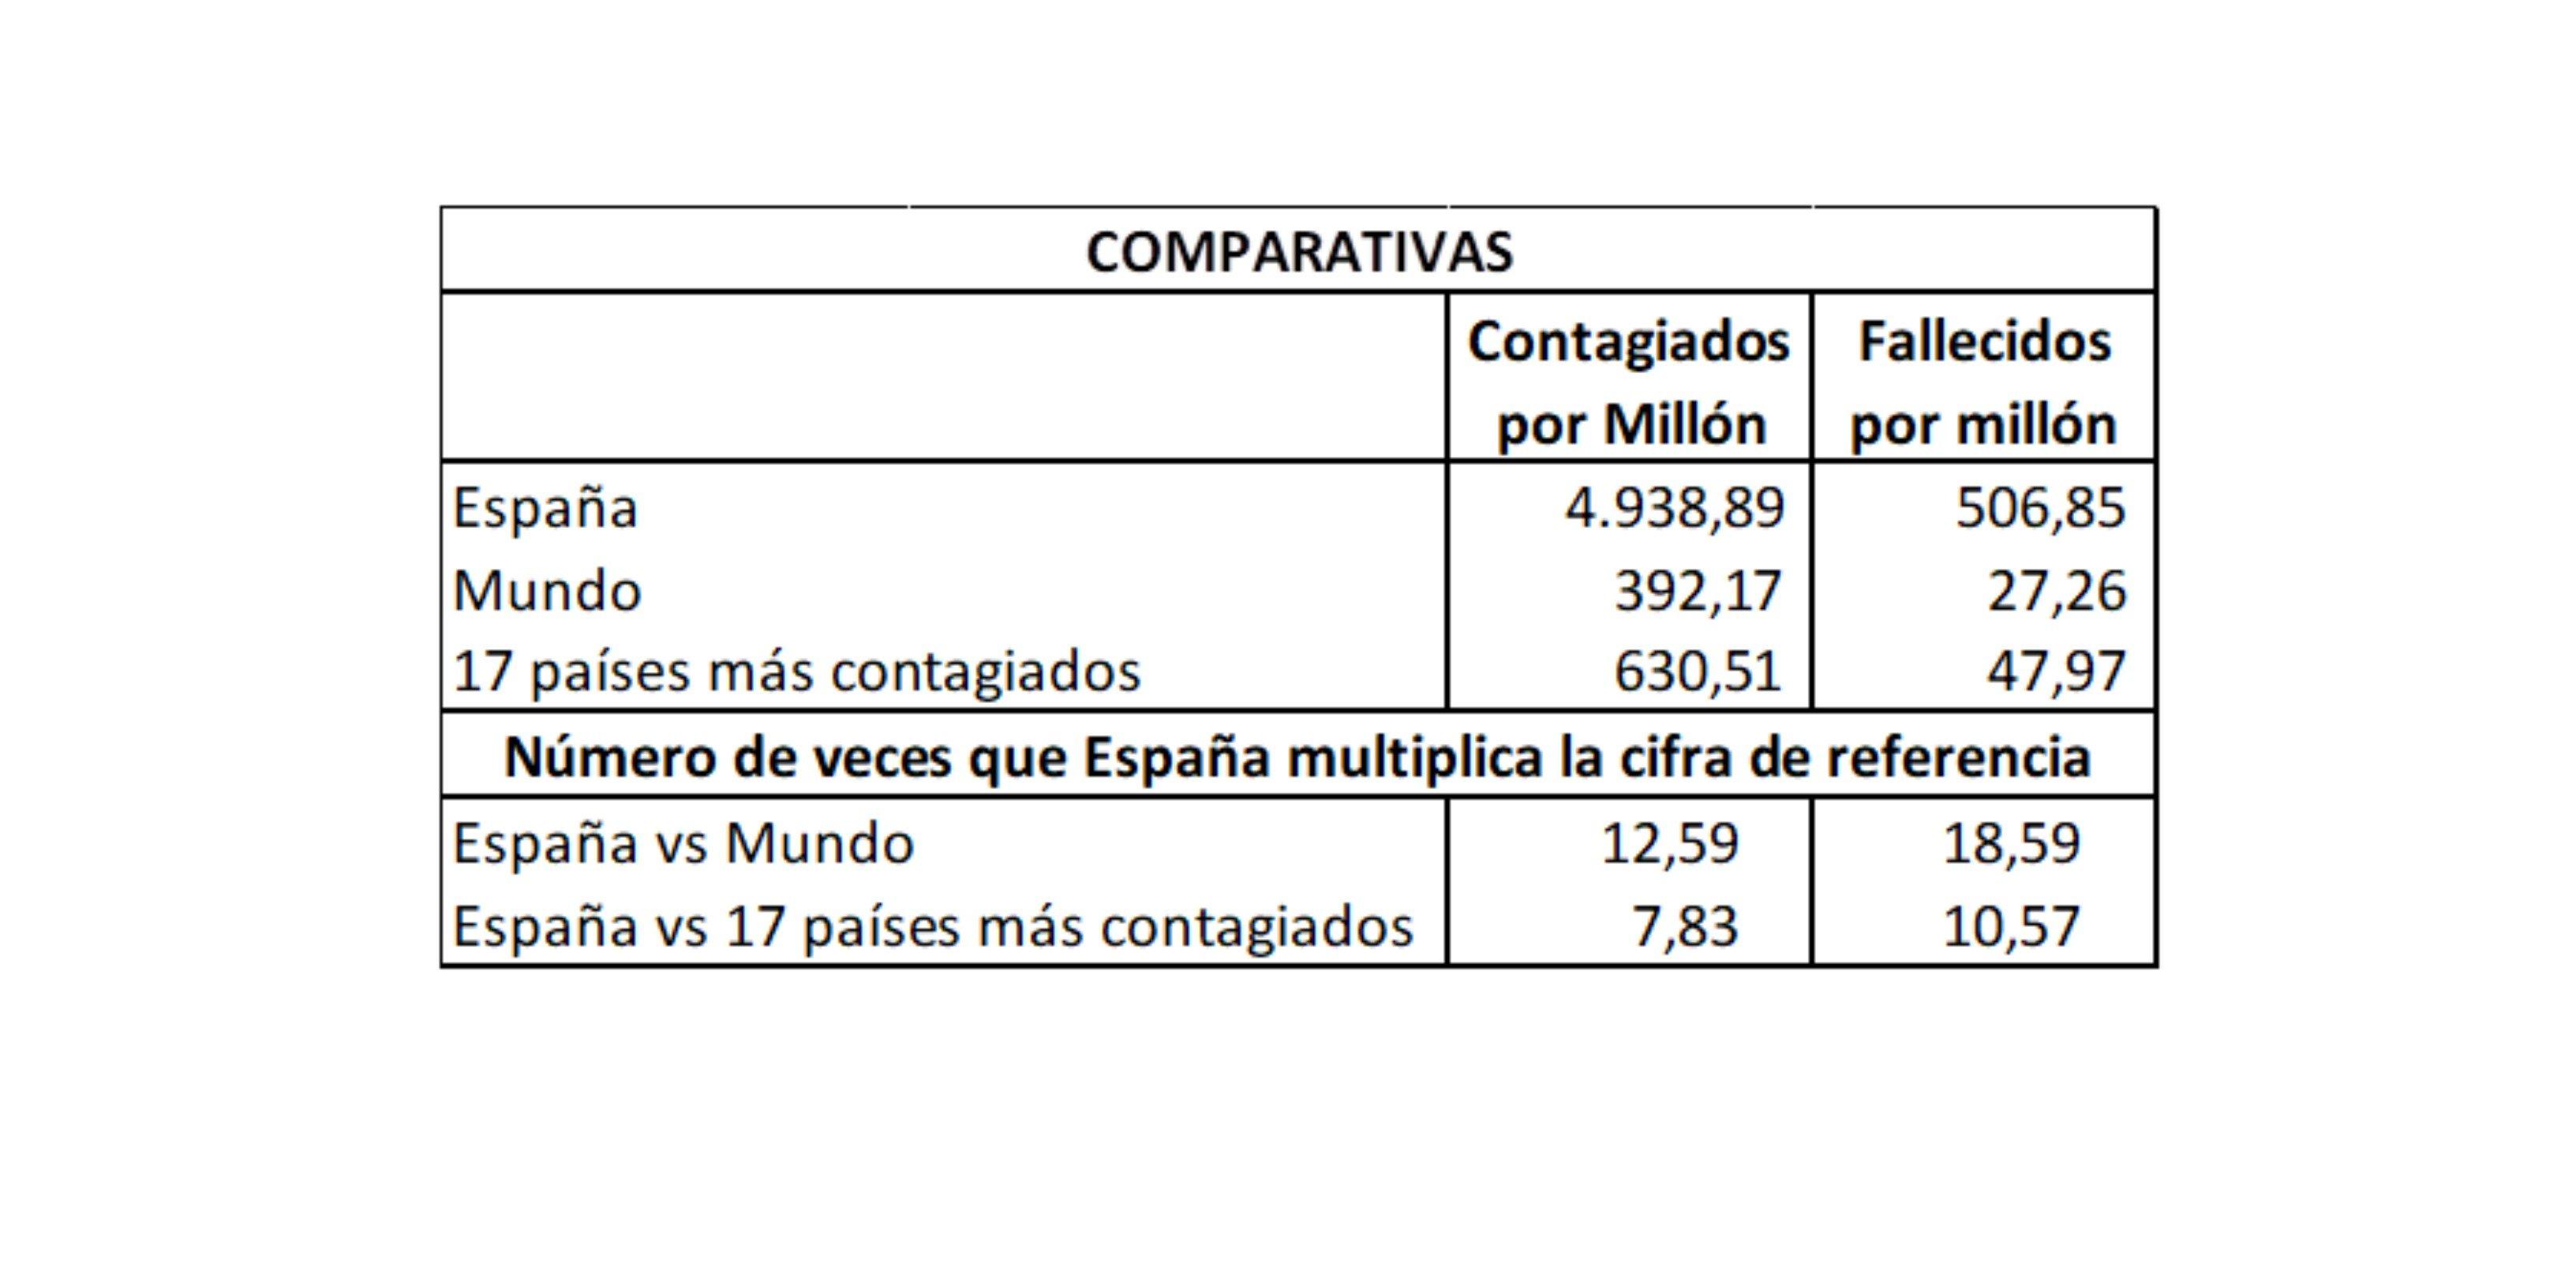 Mientes Sánchez, y tú lo sabes lo cierto es que el coronavirus continúa avanzando en España